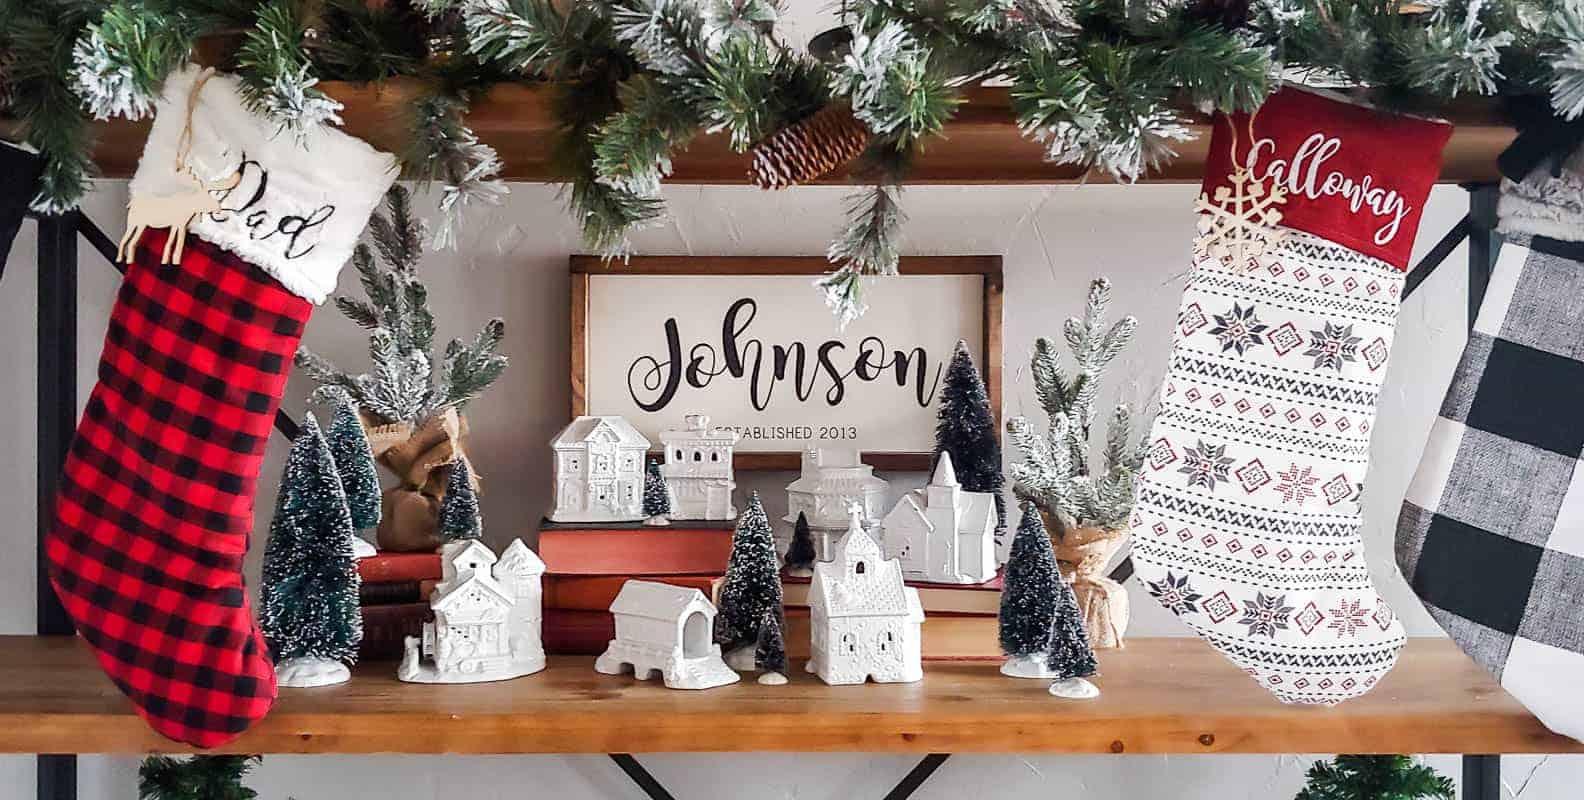 A mini Christmas village displayed on a Christmas themed shelf